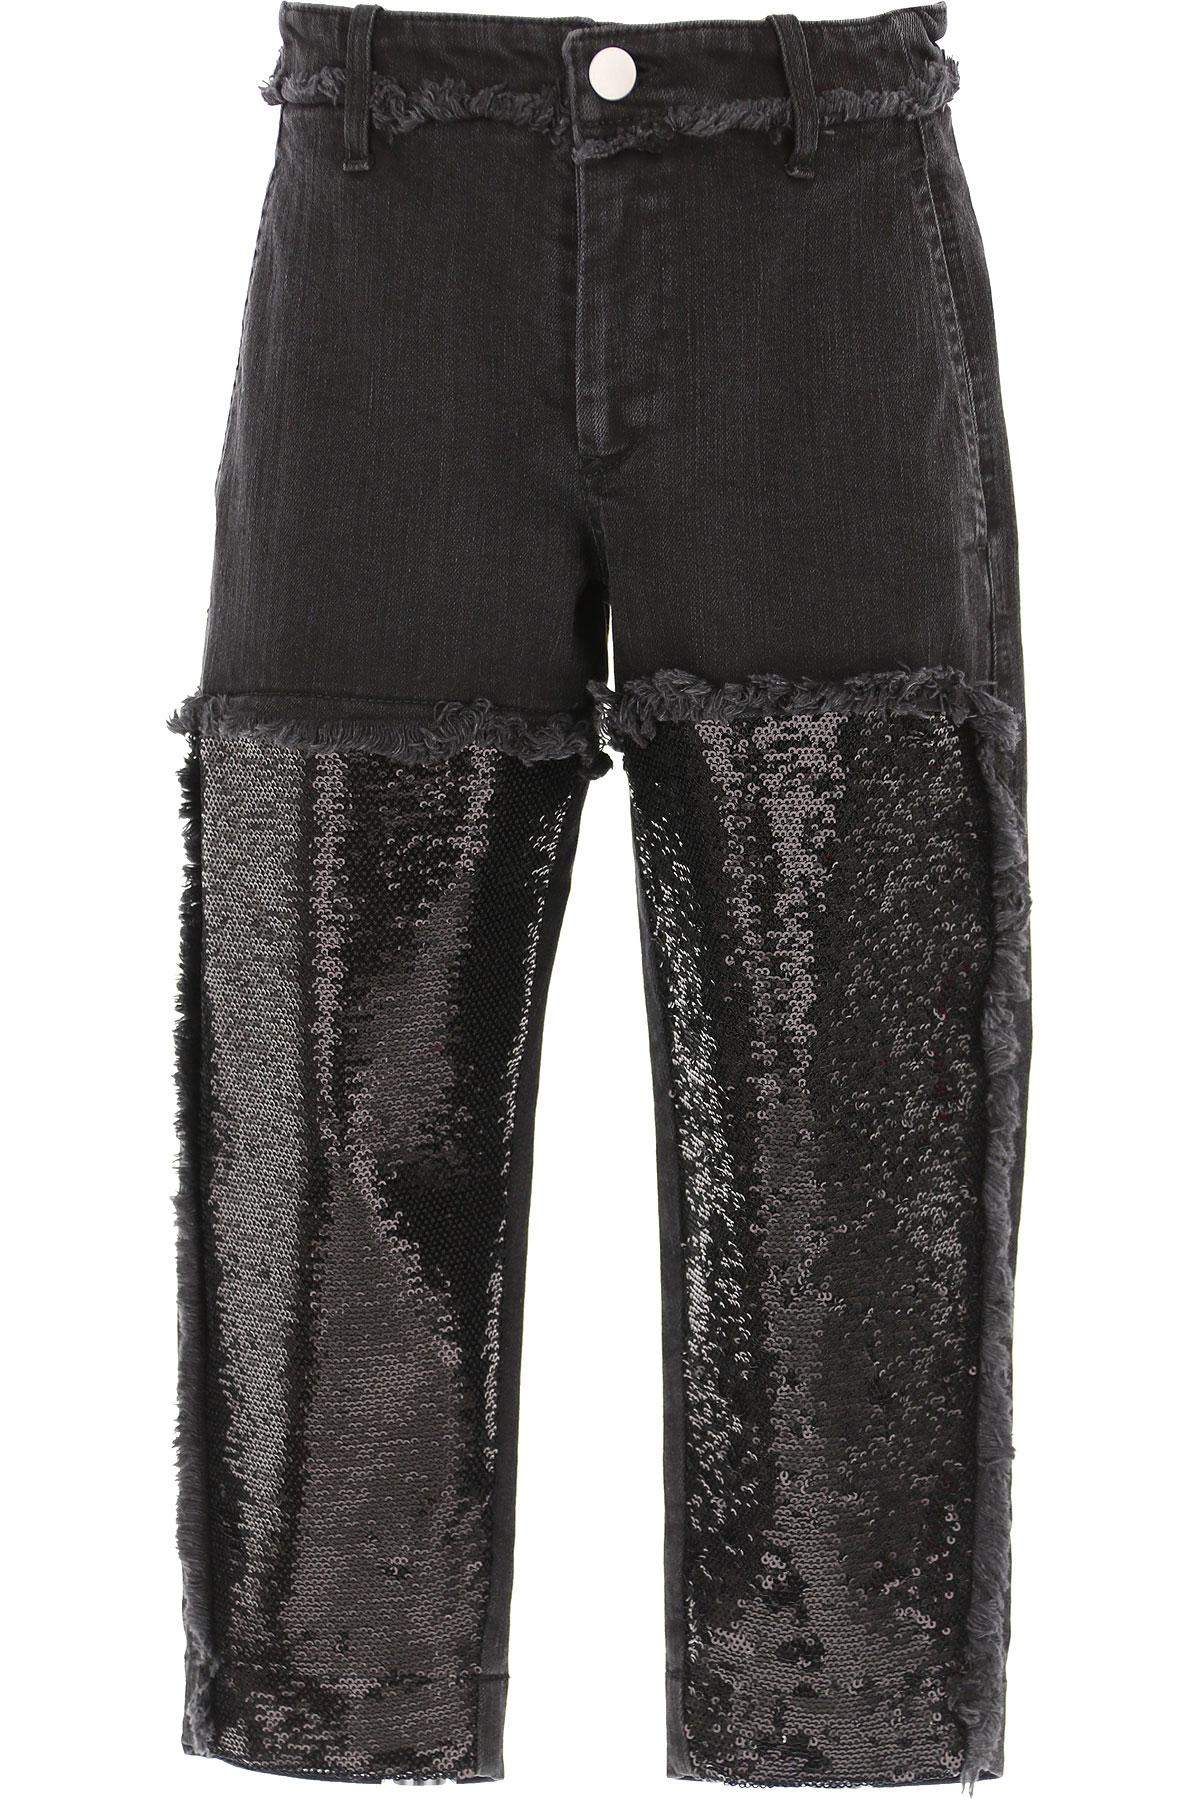 Philosophy di Lorenzo Serafini Kids Jeans for Girls On Sale, Black, Cotton, 2019, L M S XL XS XXS